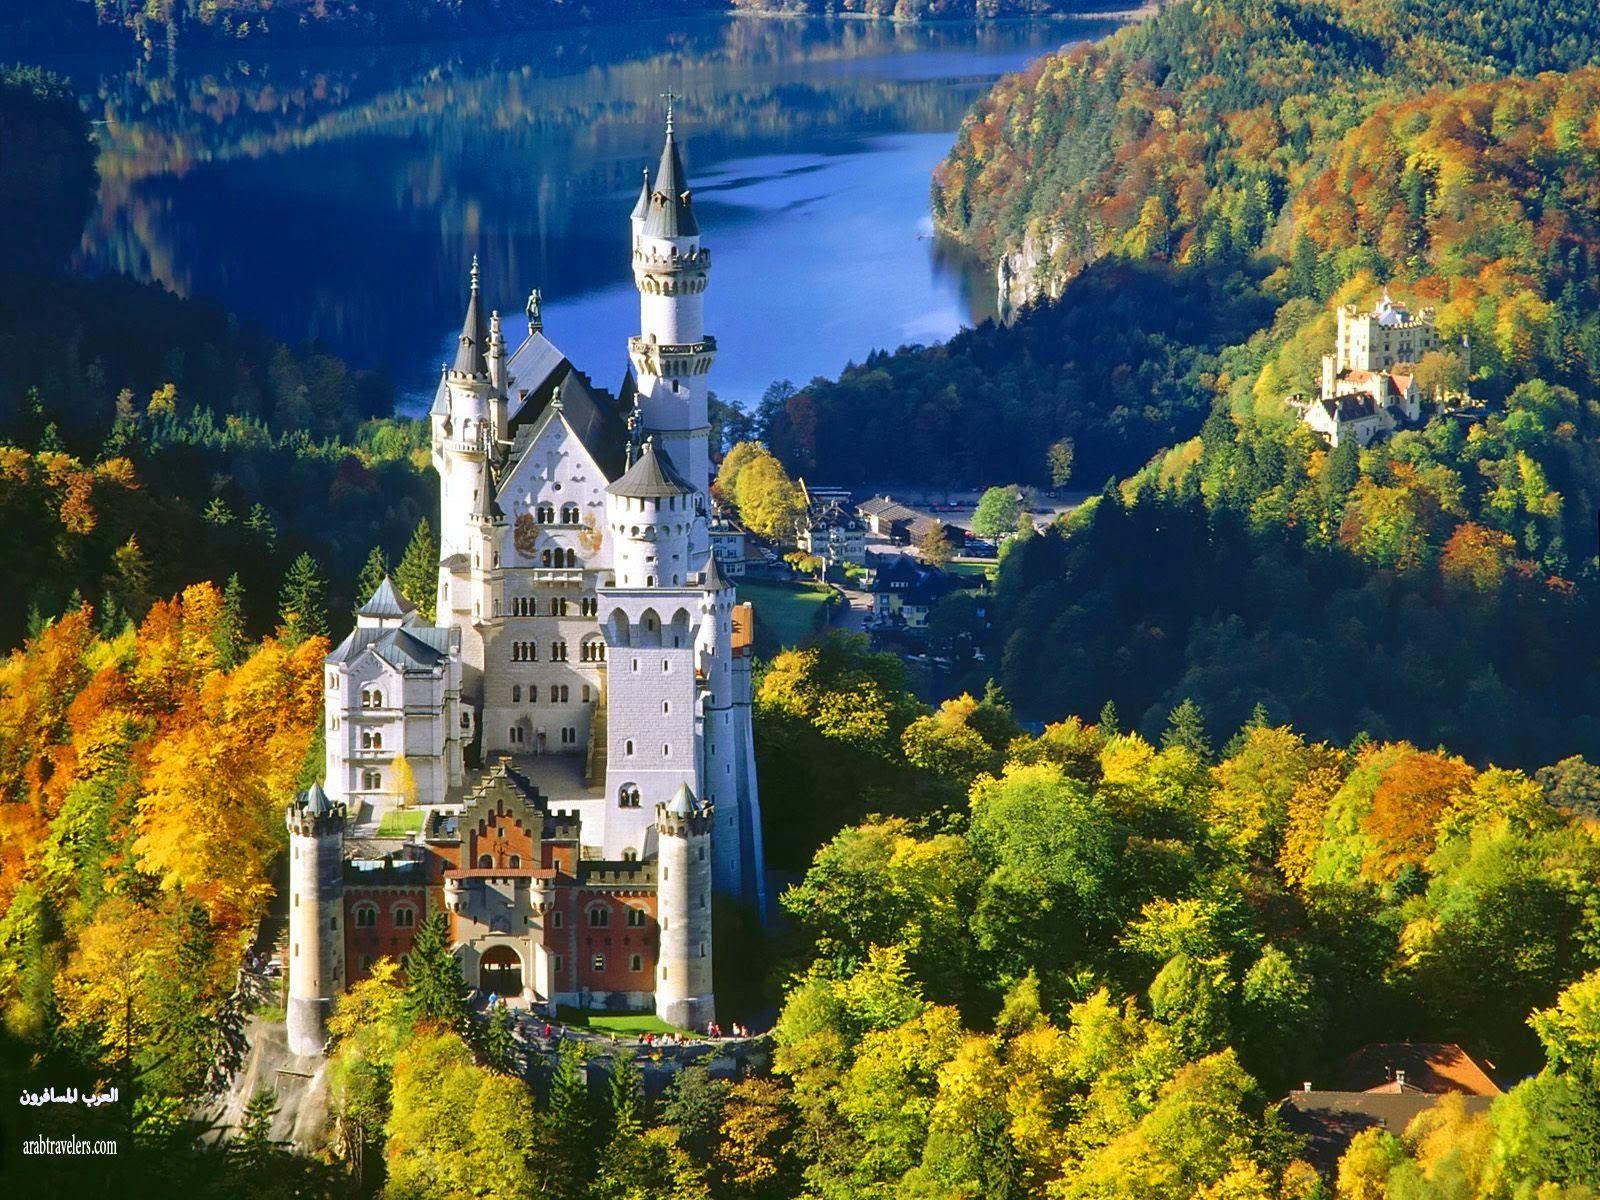 قلعة نويشفانشتاين Neuschwanstein Castle ( سياحة المانيا 2015)